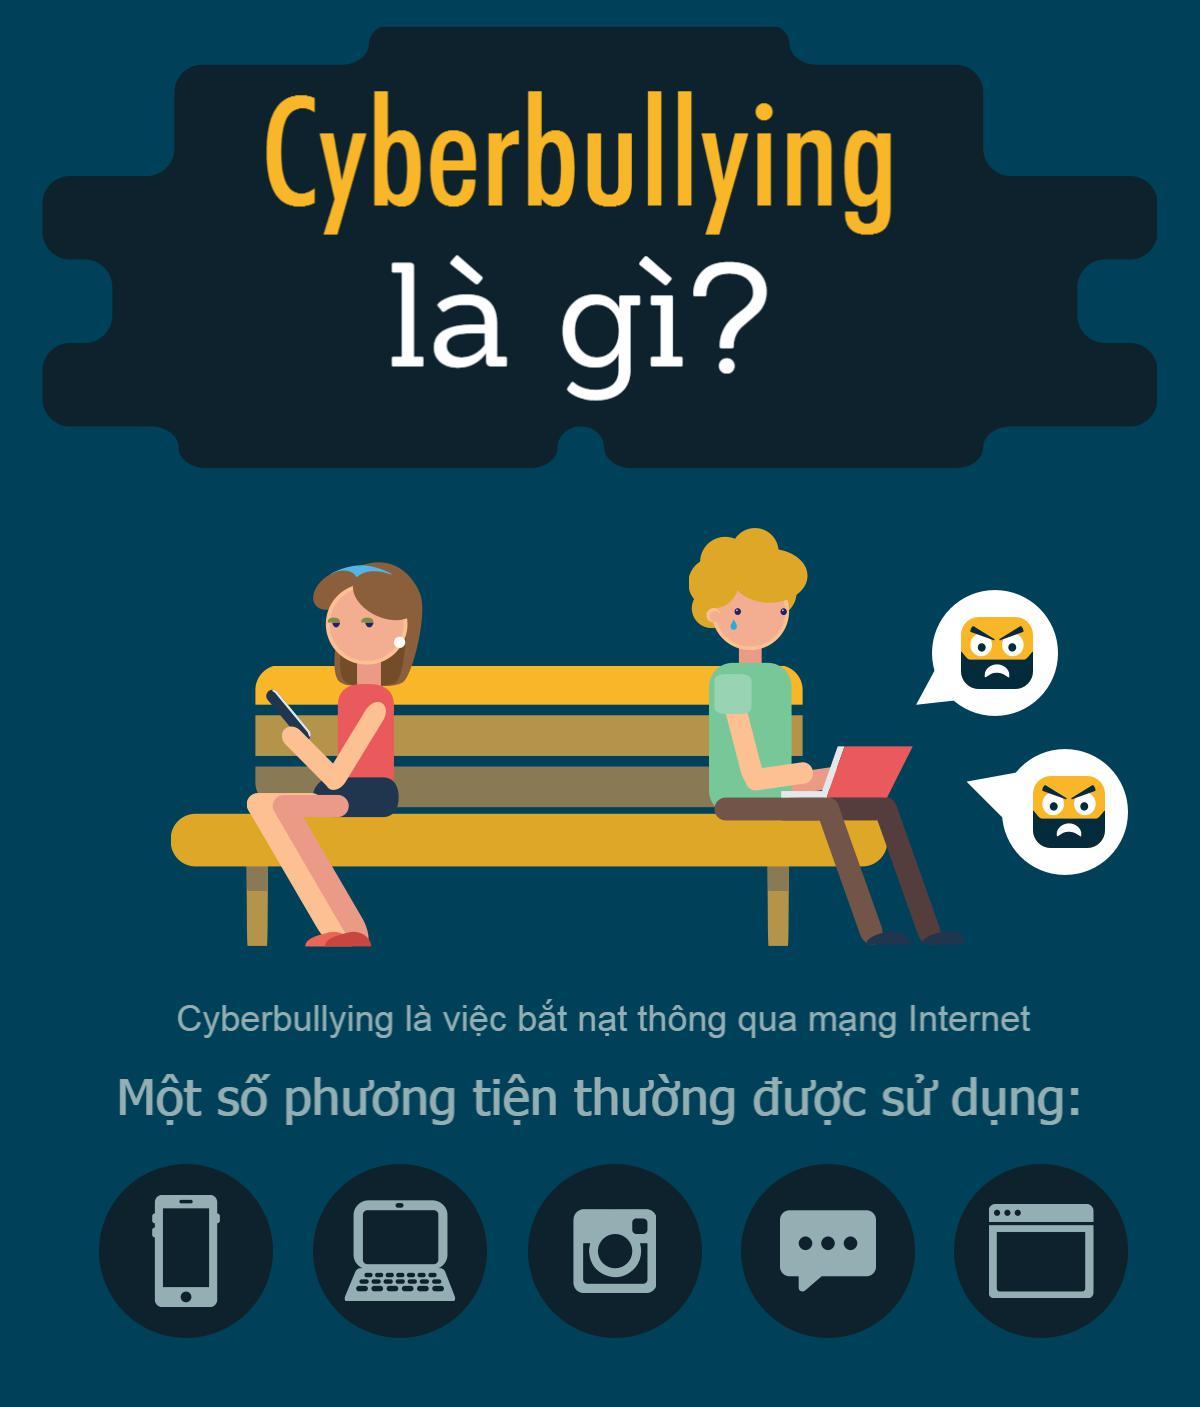 Bạo lực internet và hậu quả khó lường - 1